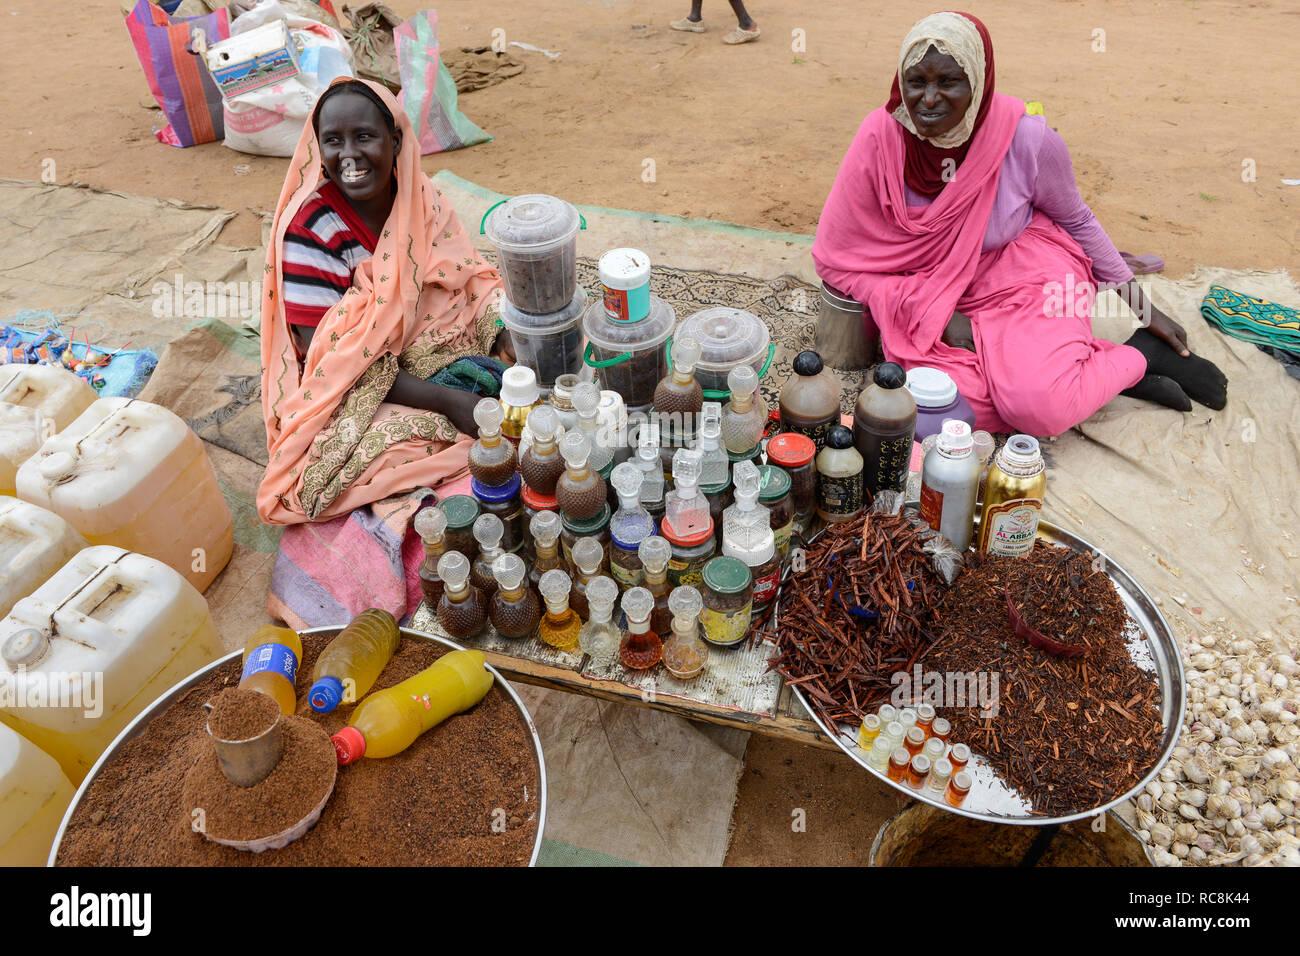 Tschad, Goz Beida, Markt, Frauen verkaufen Parfum, Duft und Essentials/TSCHAD, Goz Beida, Markt, dem Frauenbach Verkaufen Parfum und aetherische Oele Stockbild